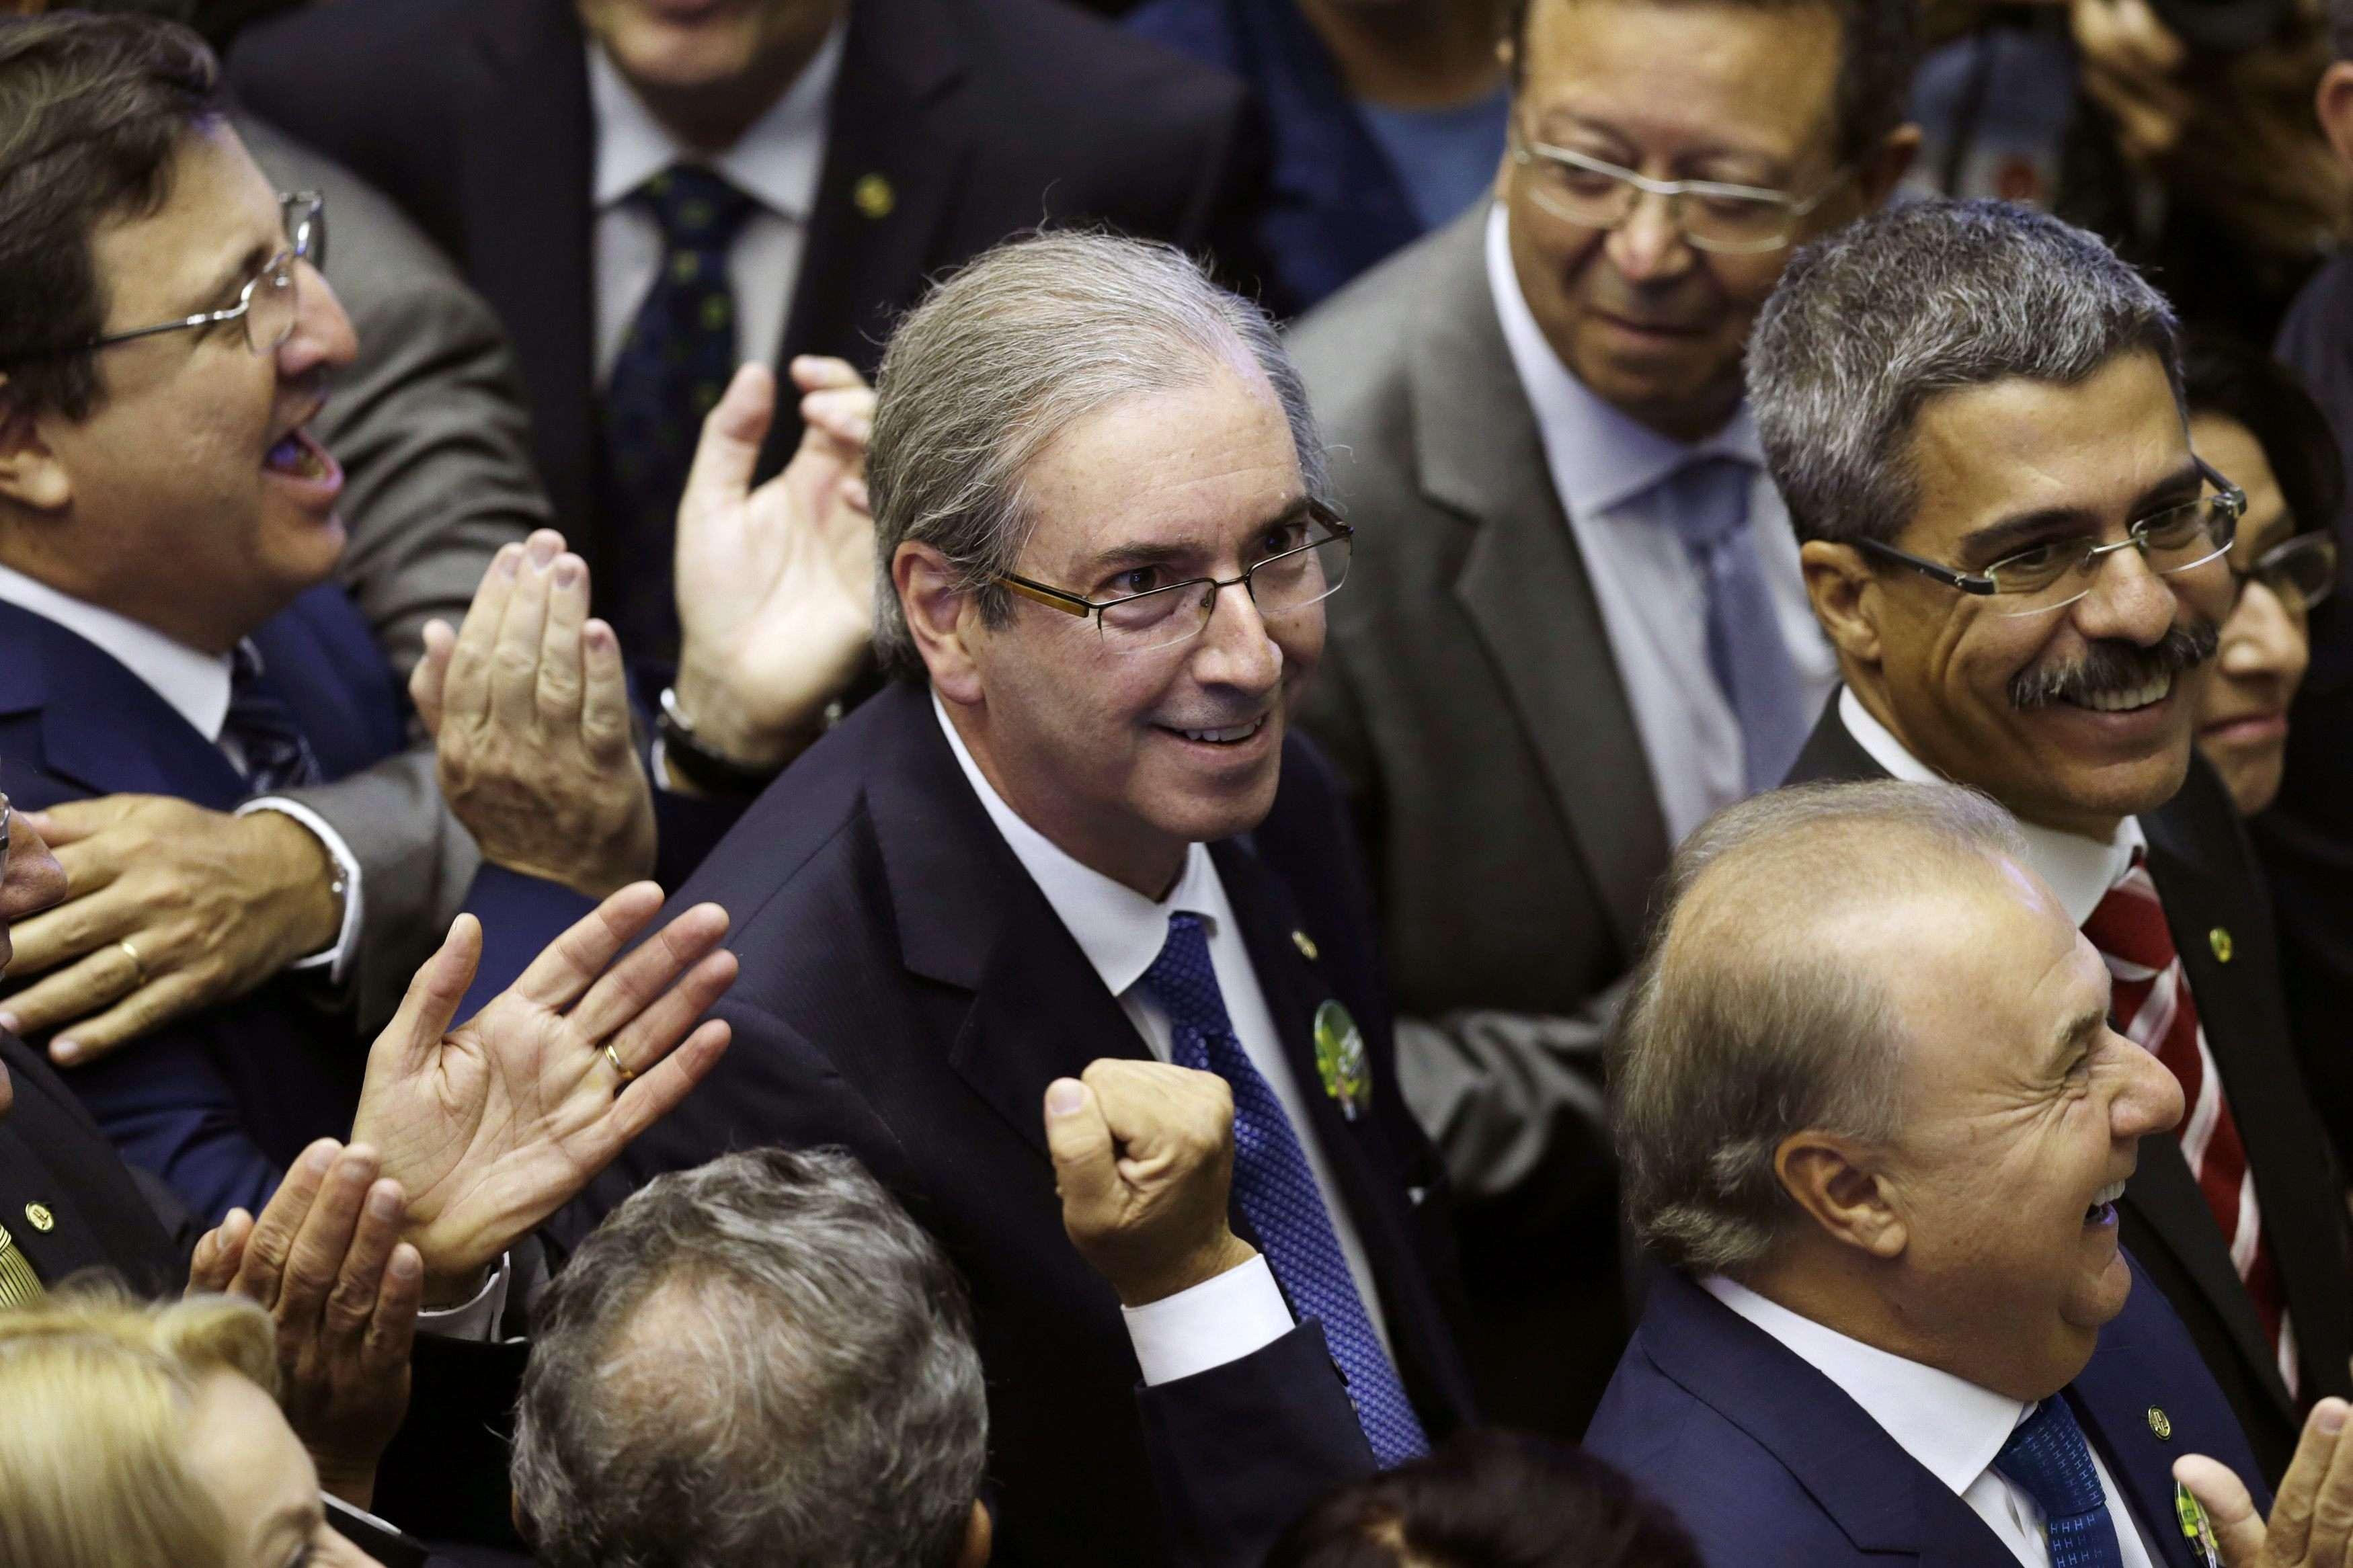 Liderando um bloco de 218 deputados, Cunha obteve um número ainda maior de votos Foto: Ueslei Marcelino/Reuters